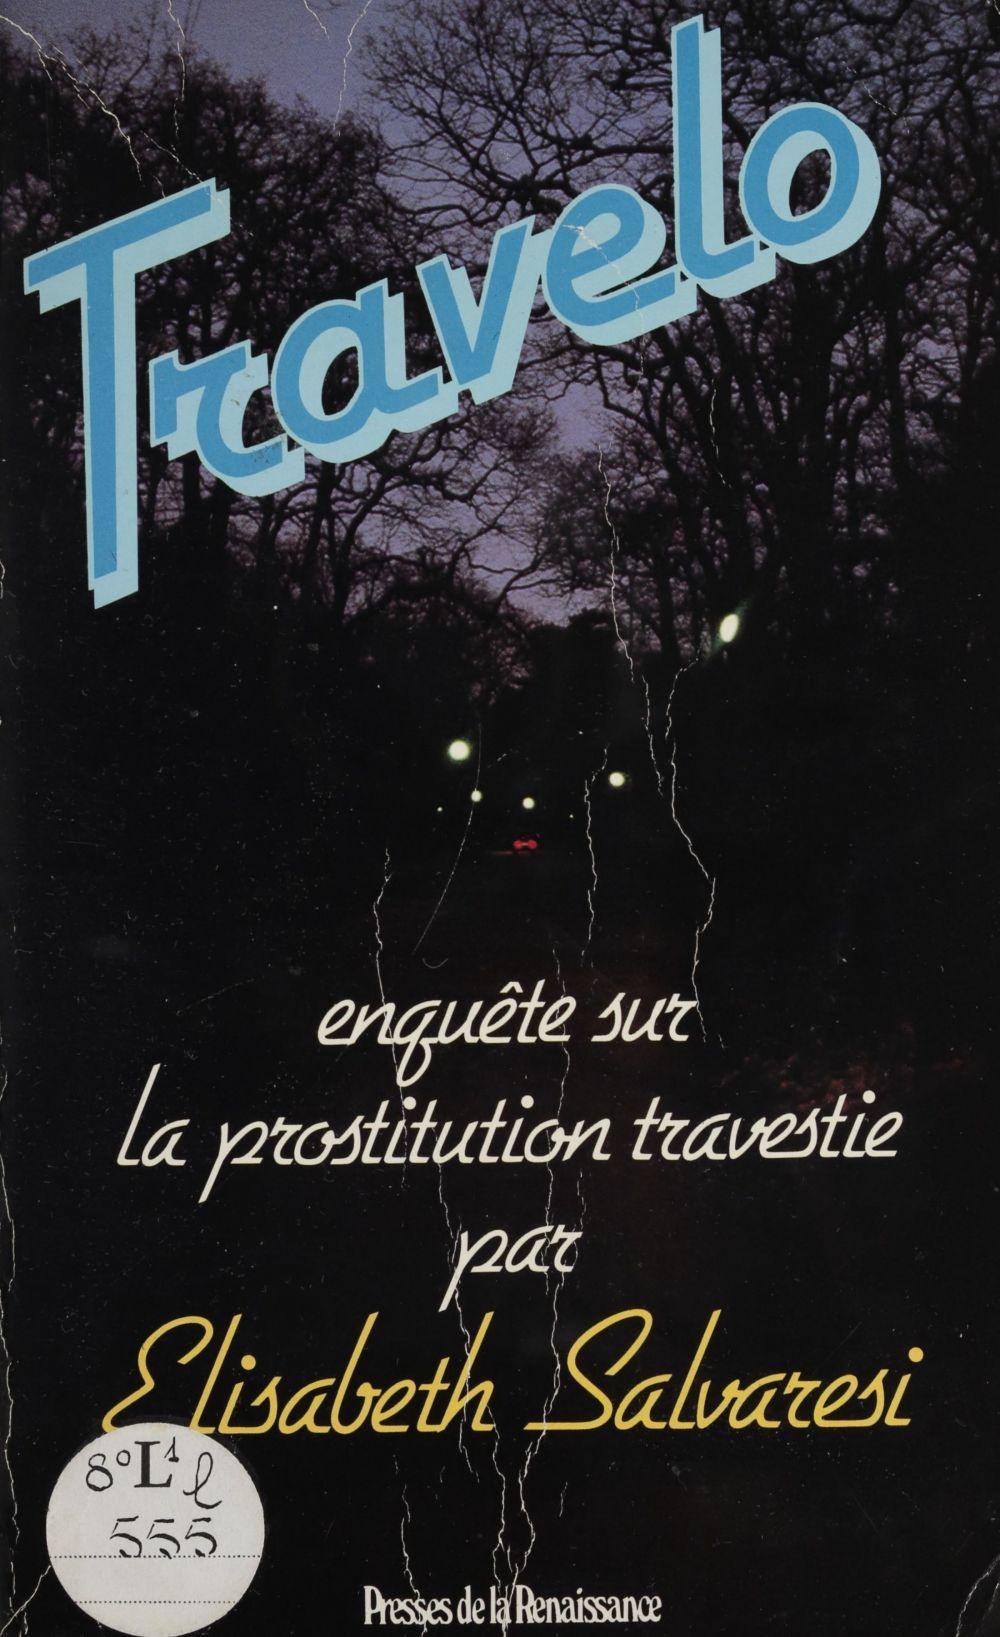 Travelo : une enquête sur la prostitution travestie